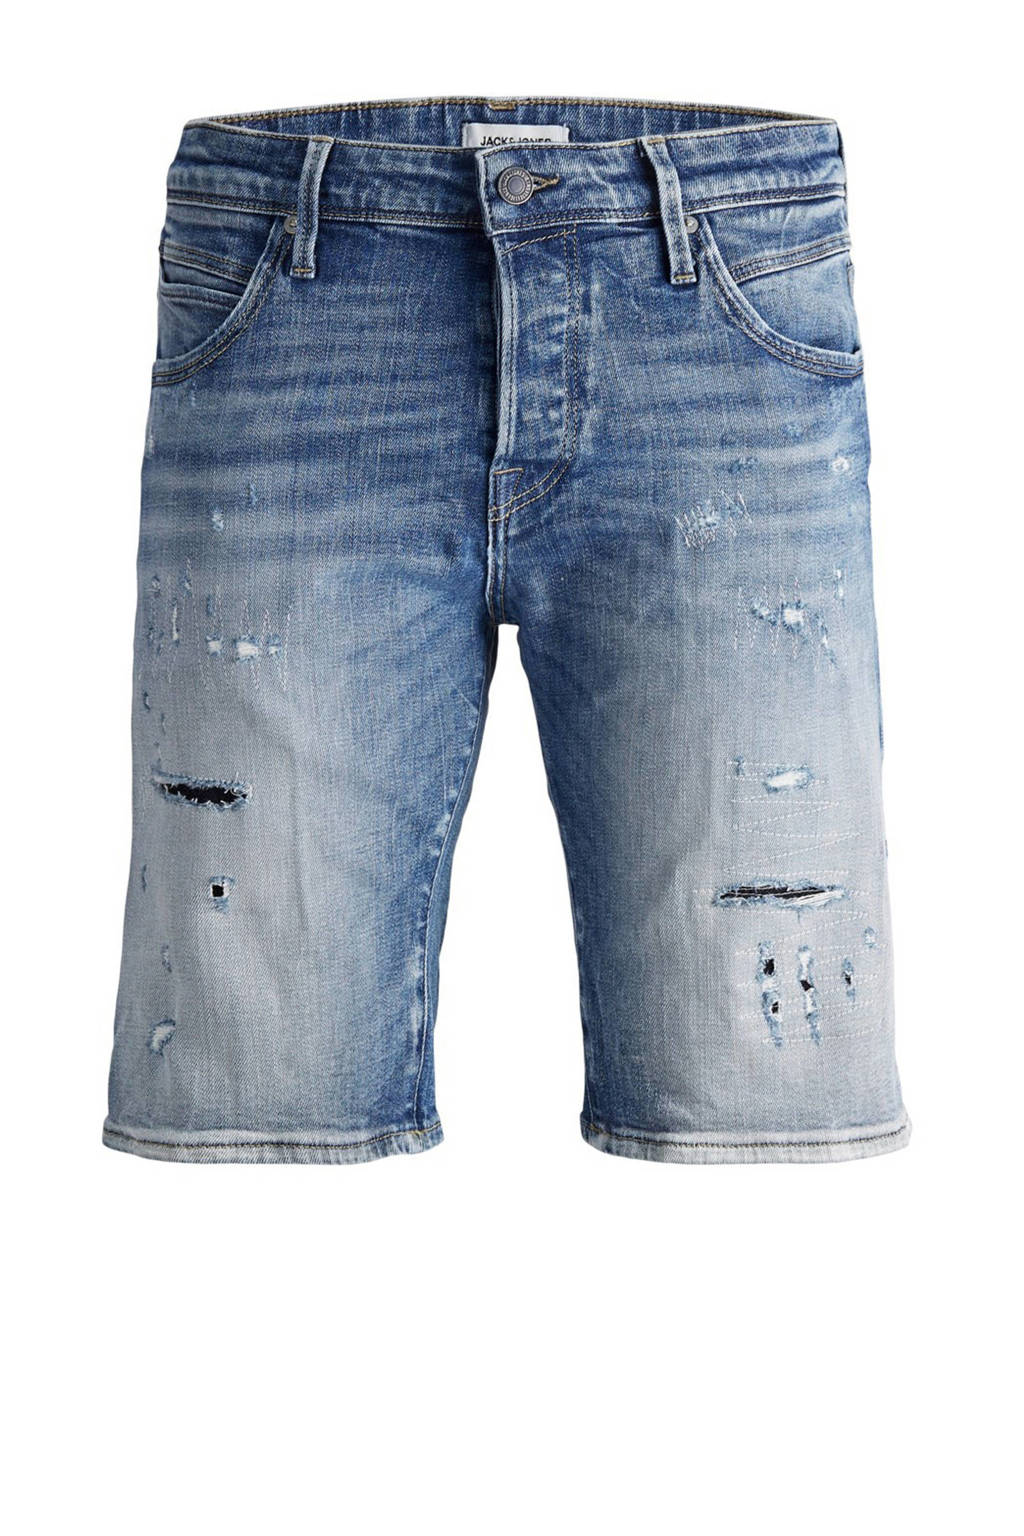 JACK & JONES JEANS INTELLIGENCE slim fit jeans short GRIDD blue denim, Blue denim